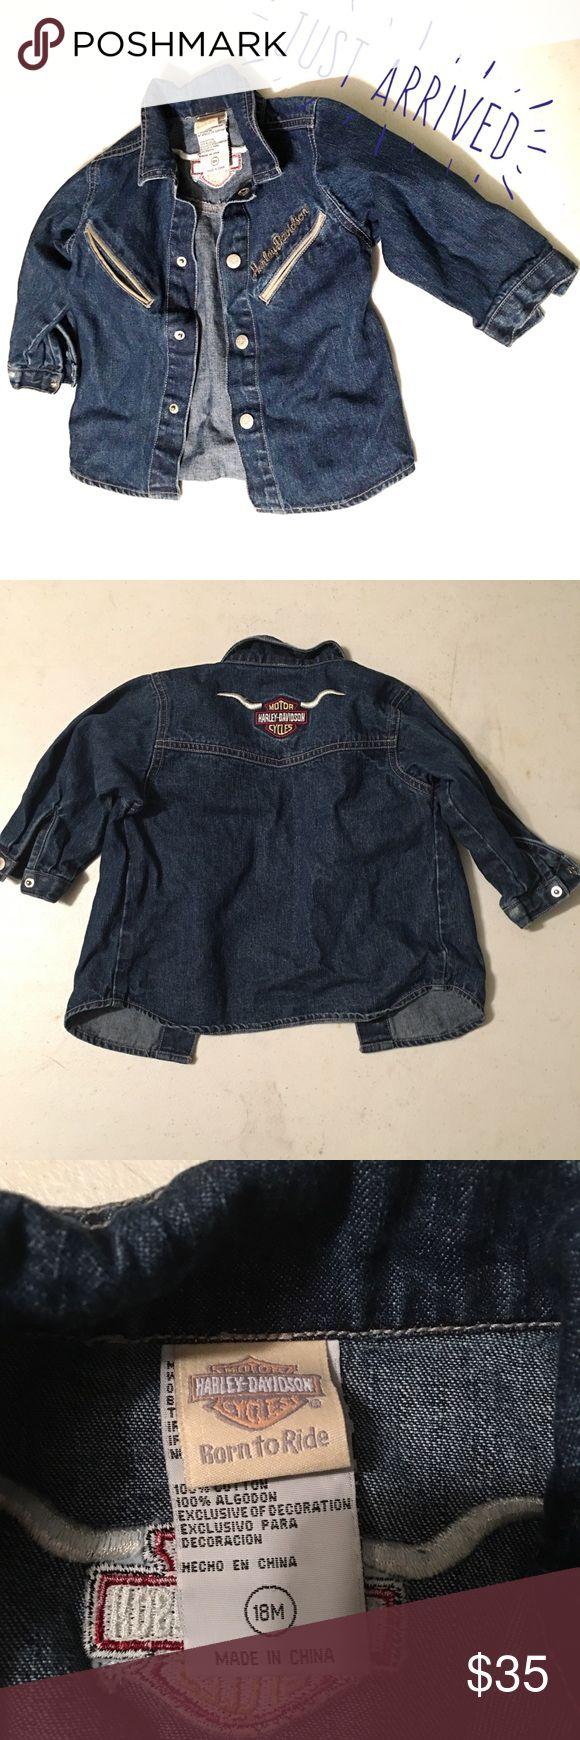 18M Boys' Harley-Davidson jean jacket. Harley-Davidson Jean jacket for toddler boys. Size 18M. Excellent condition. Harley-Davidson Jackets & Coats Jean Jackets